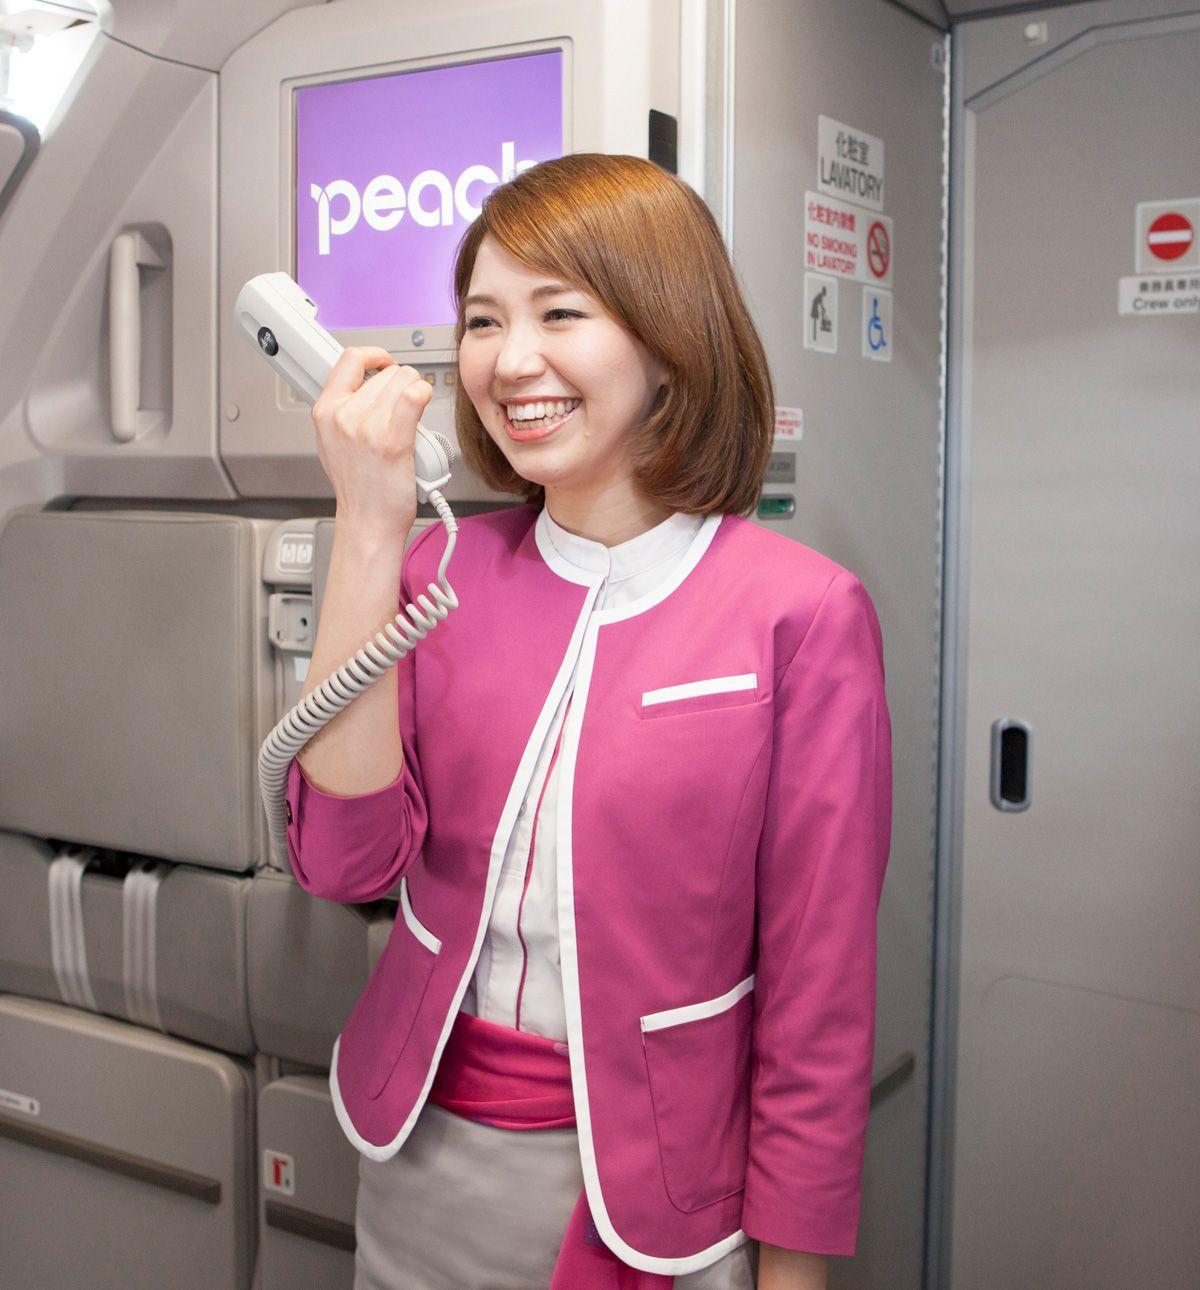 到着時の機内アナウンスは関西弁で♪